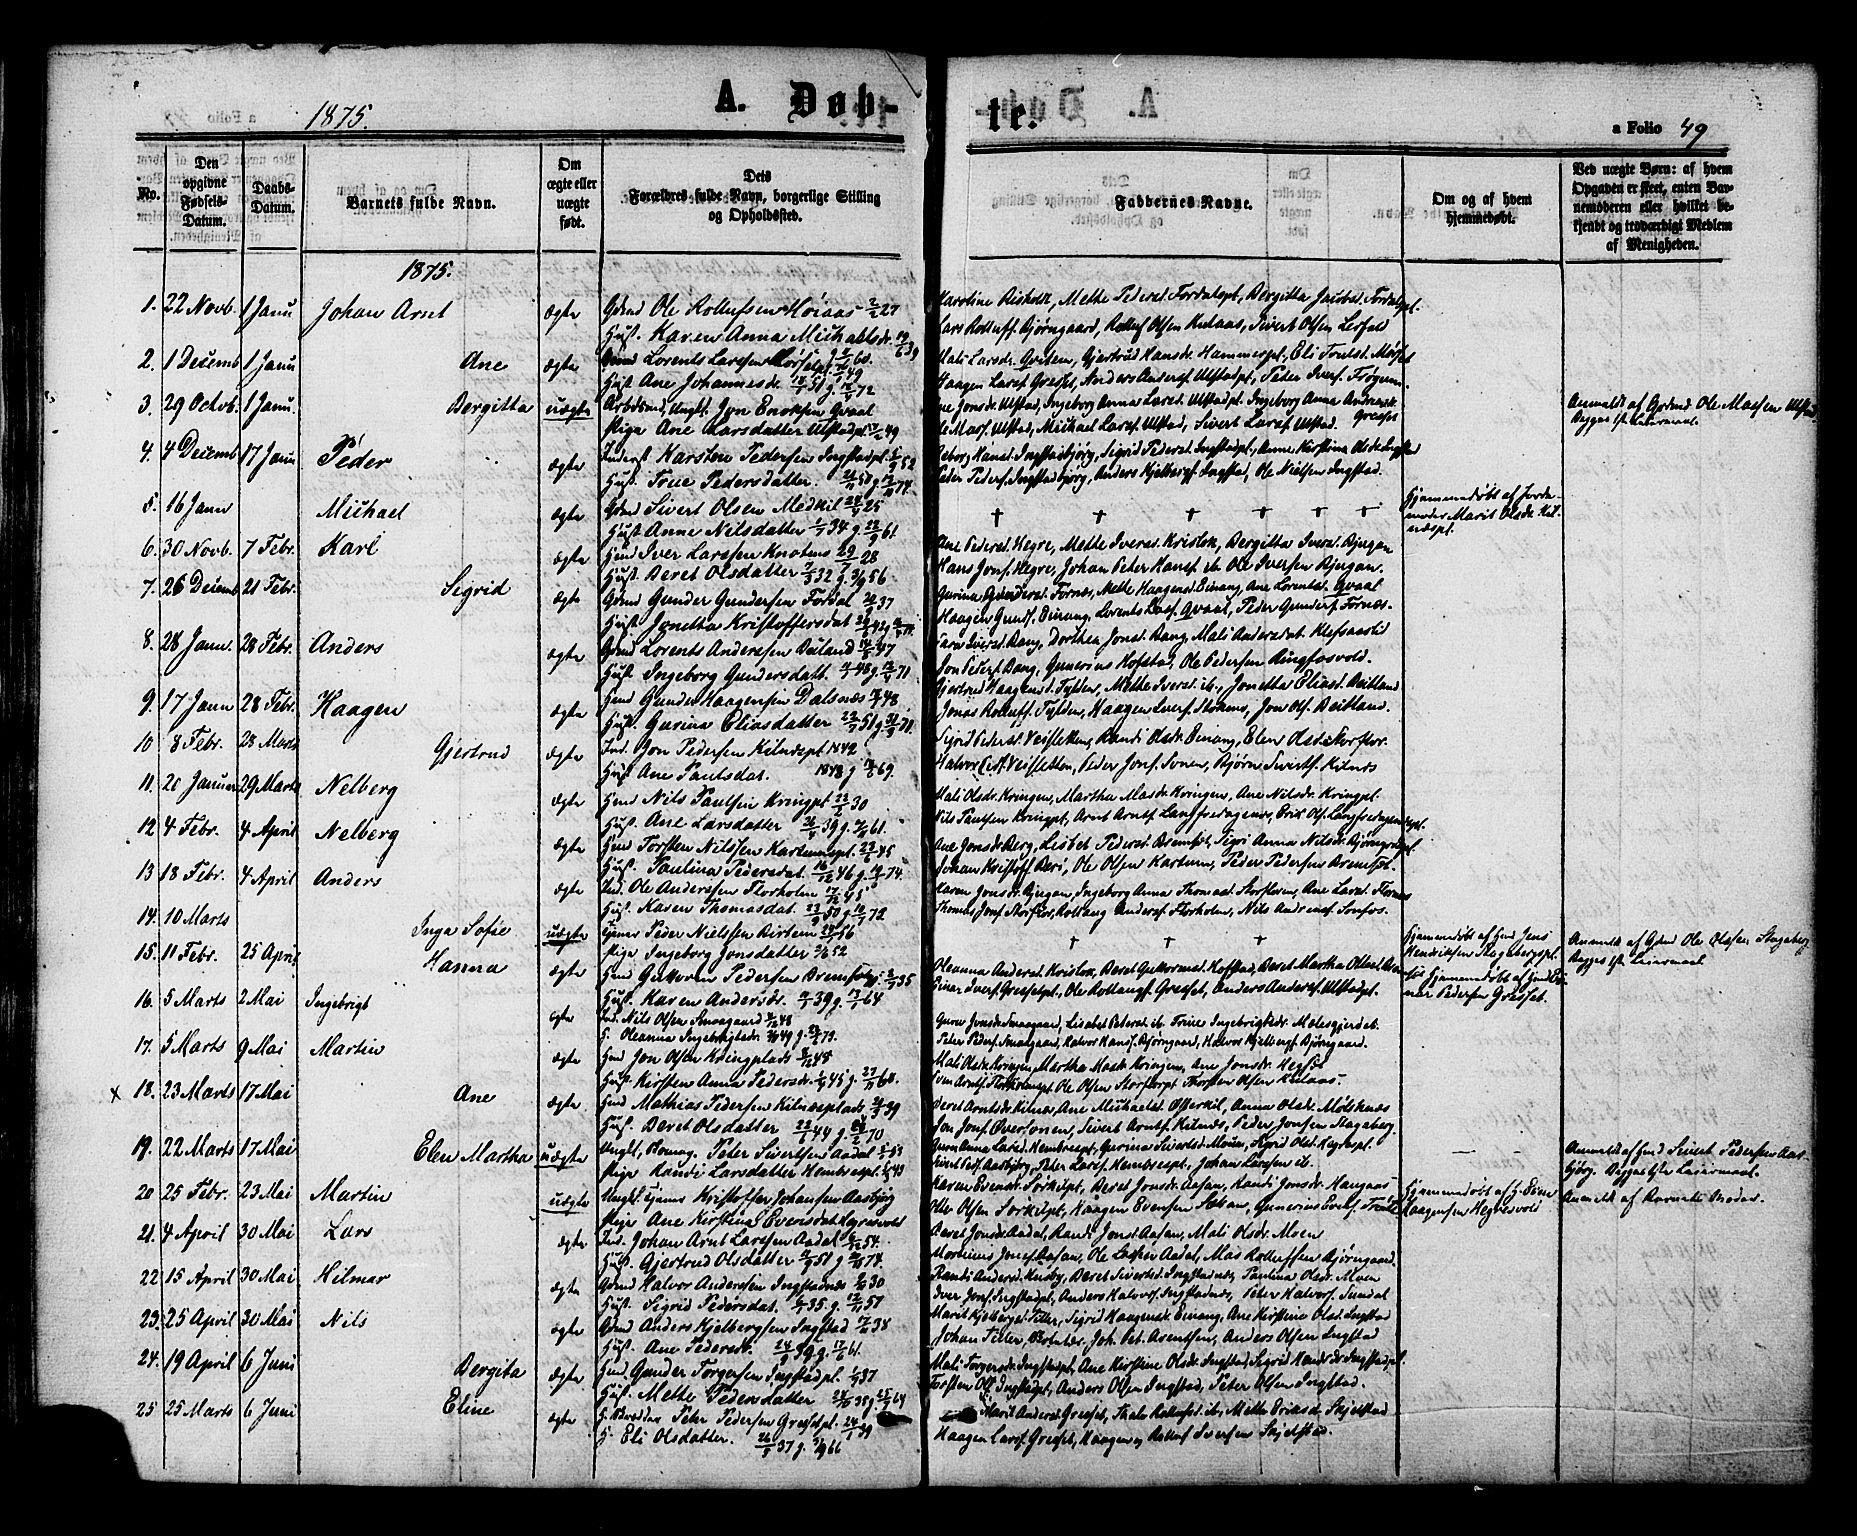 SAT, Ministerialprotokoller, klokkerbøker og fødselsregistre - Nord-Trøndelag, 703/L0029: Ministerialbok nr. 703A02, 1863-1879, s. 49